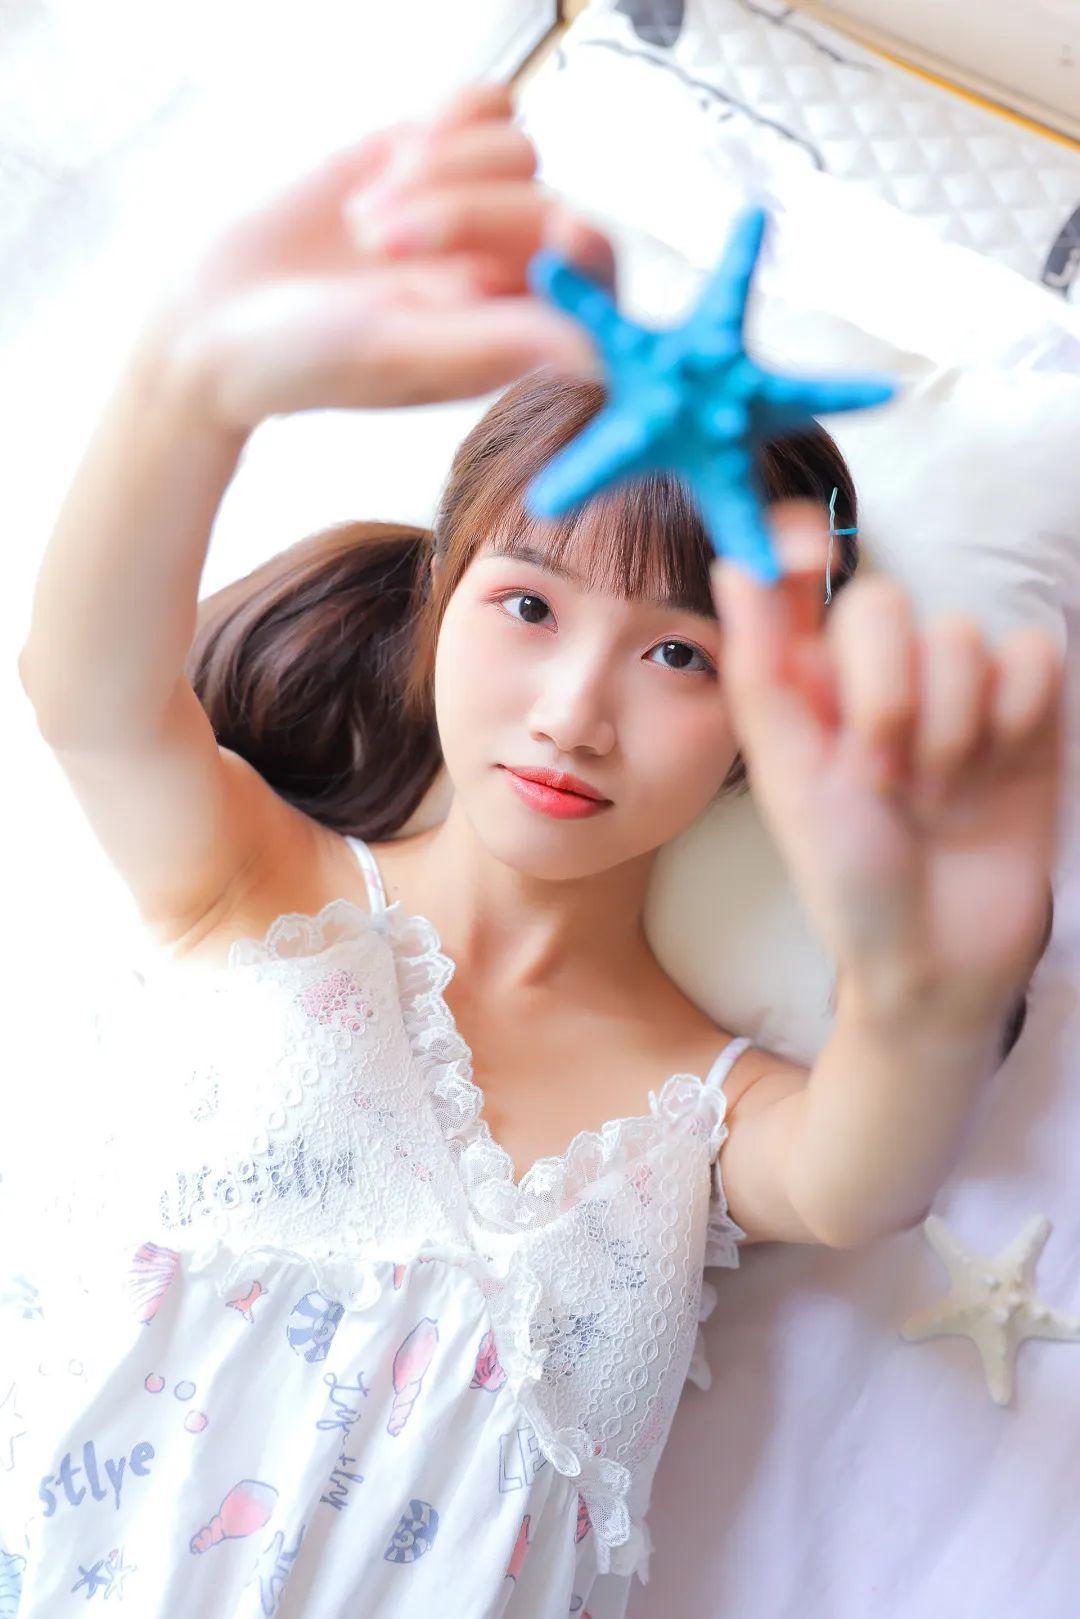 妹子摄影 – 短裙萝莉双马尾_图片 No.11